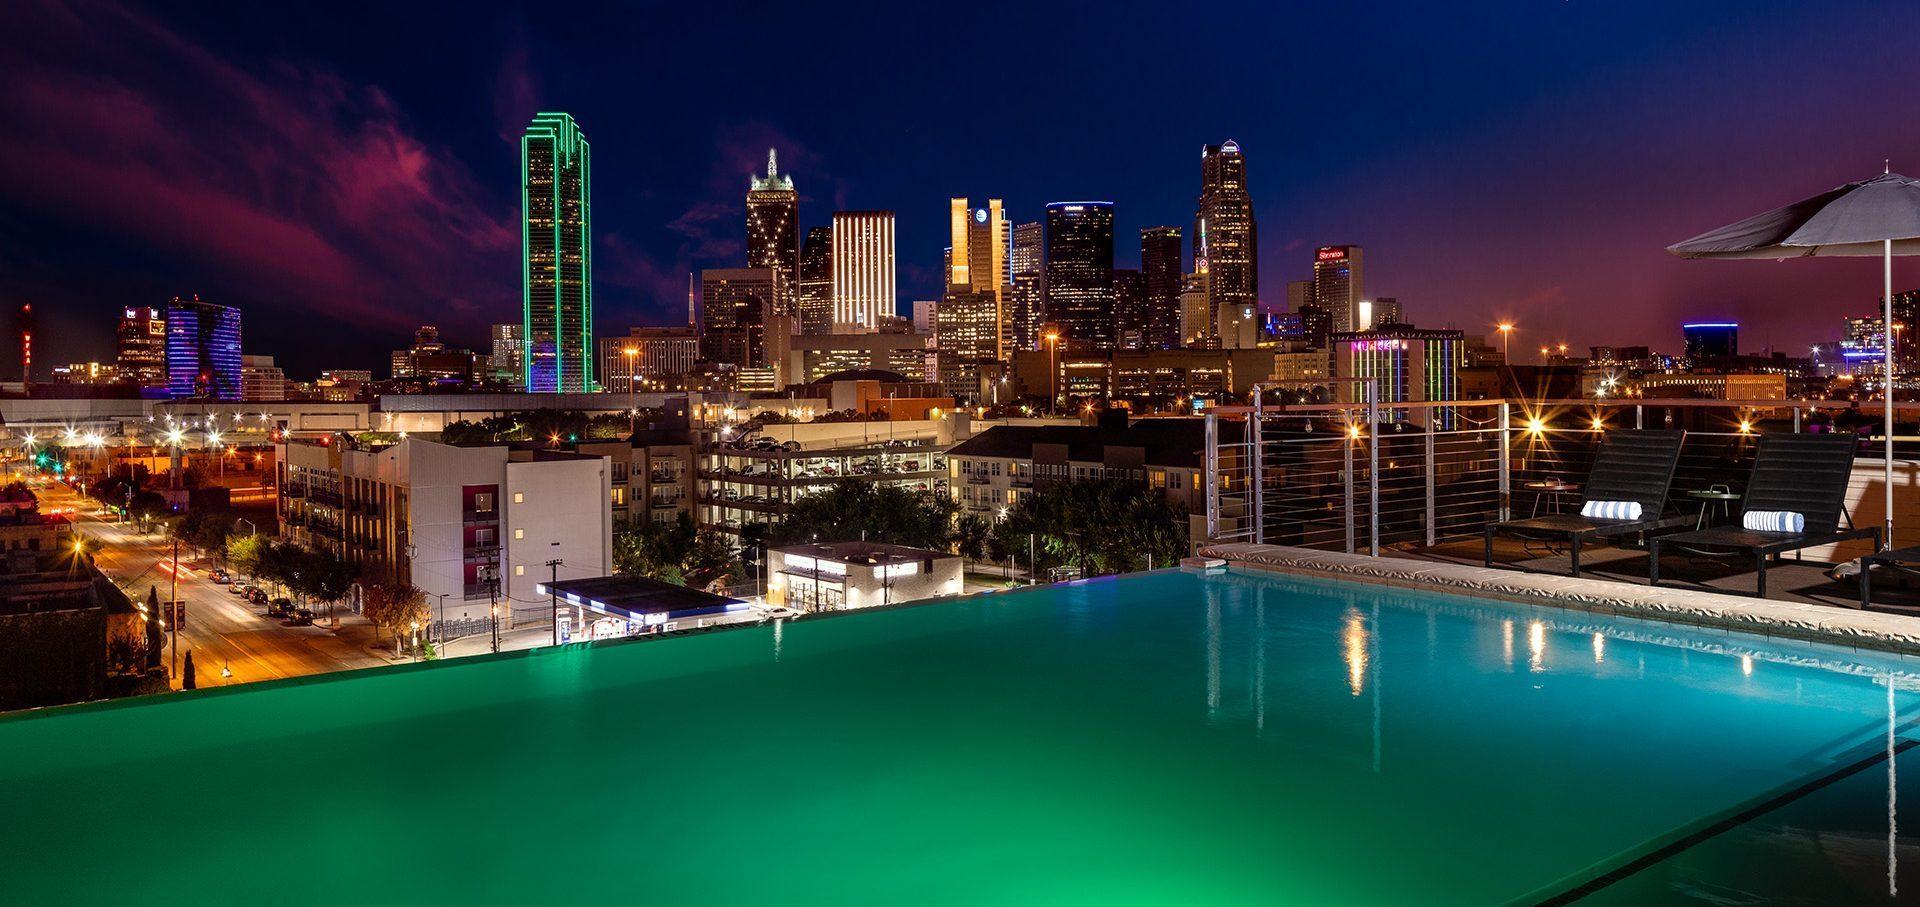 Canvas Hotel Dallas Rooftop